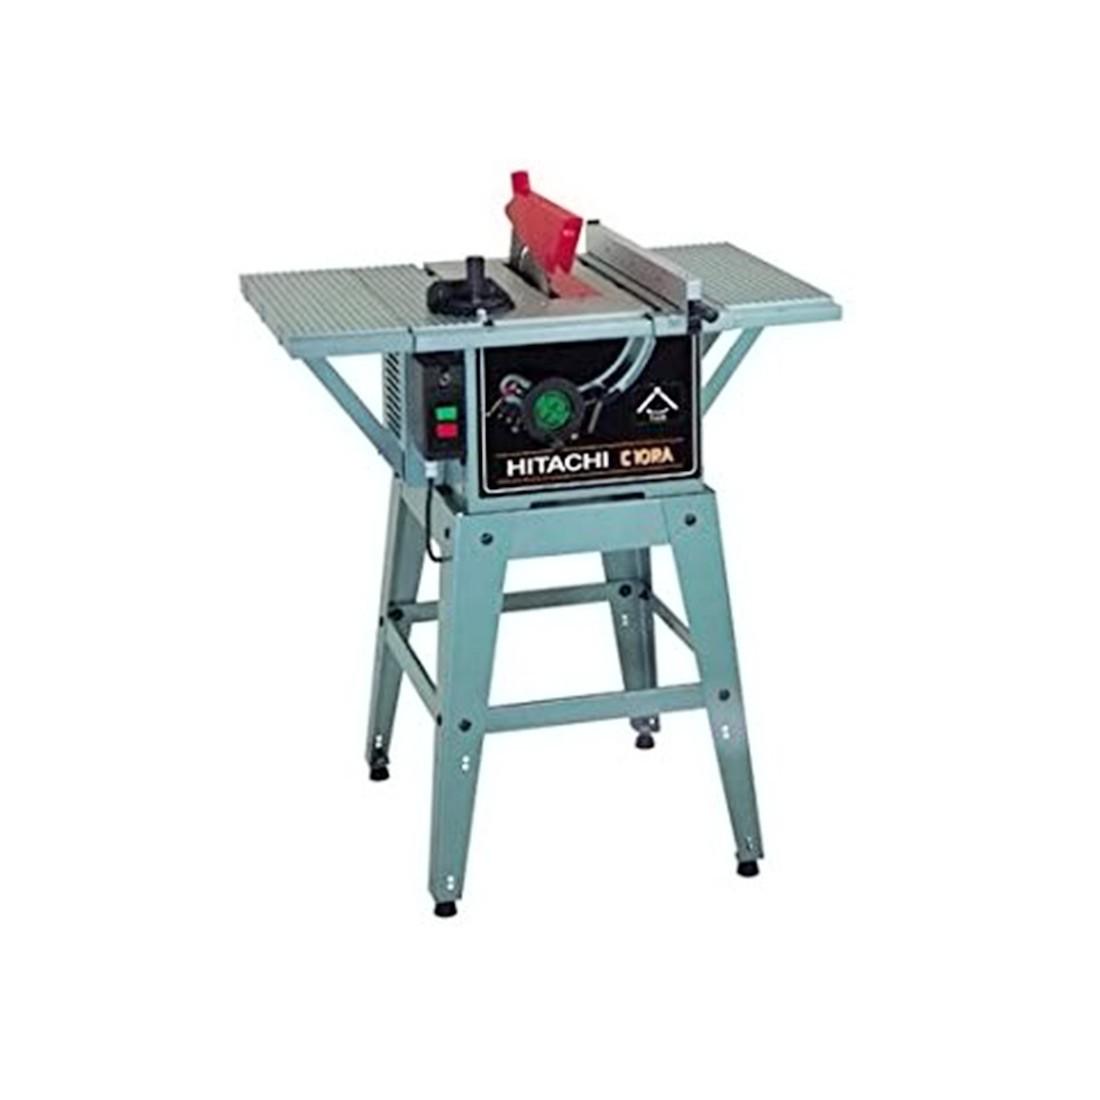 Alquiler de sierra circular de mesa para aluminio y madera - Sierra circular precio ...